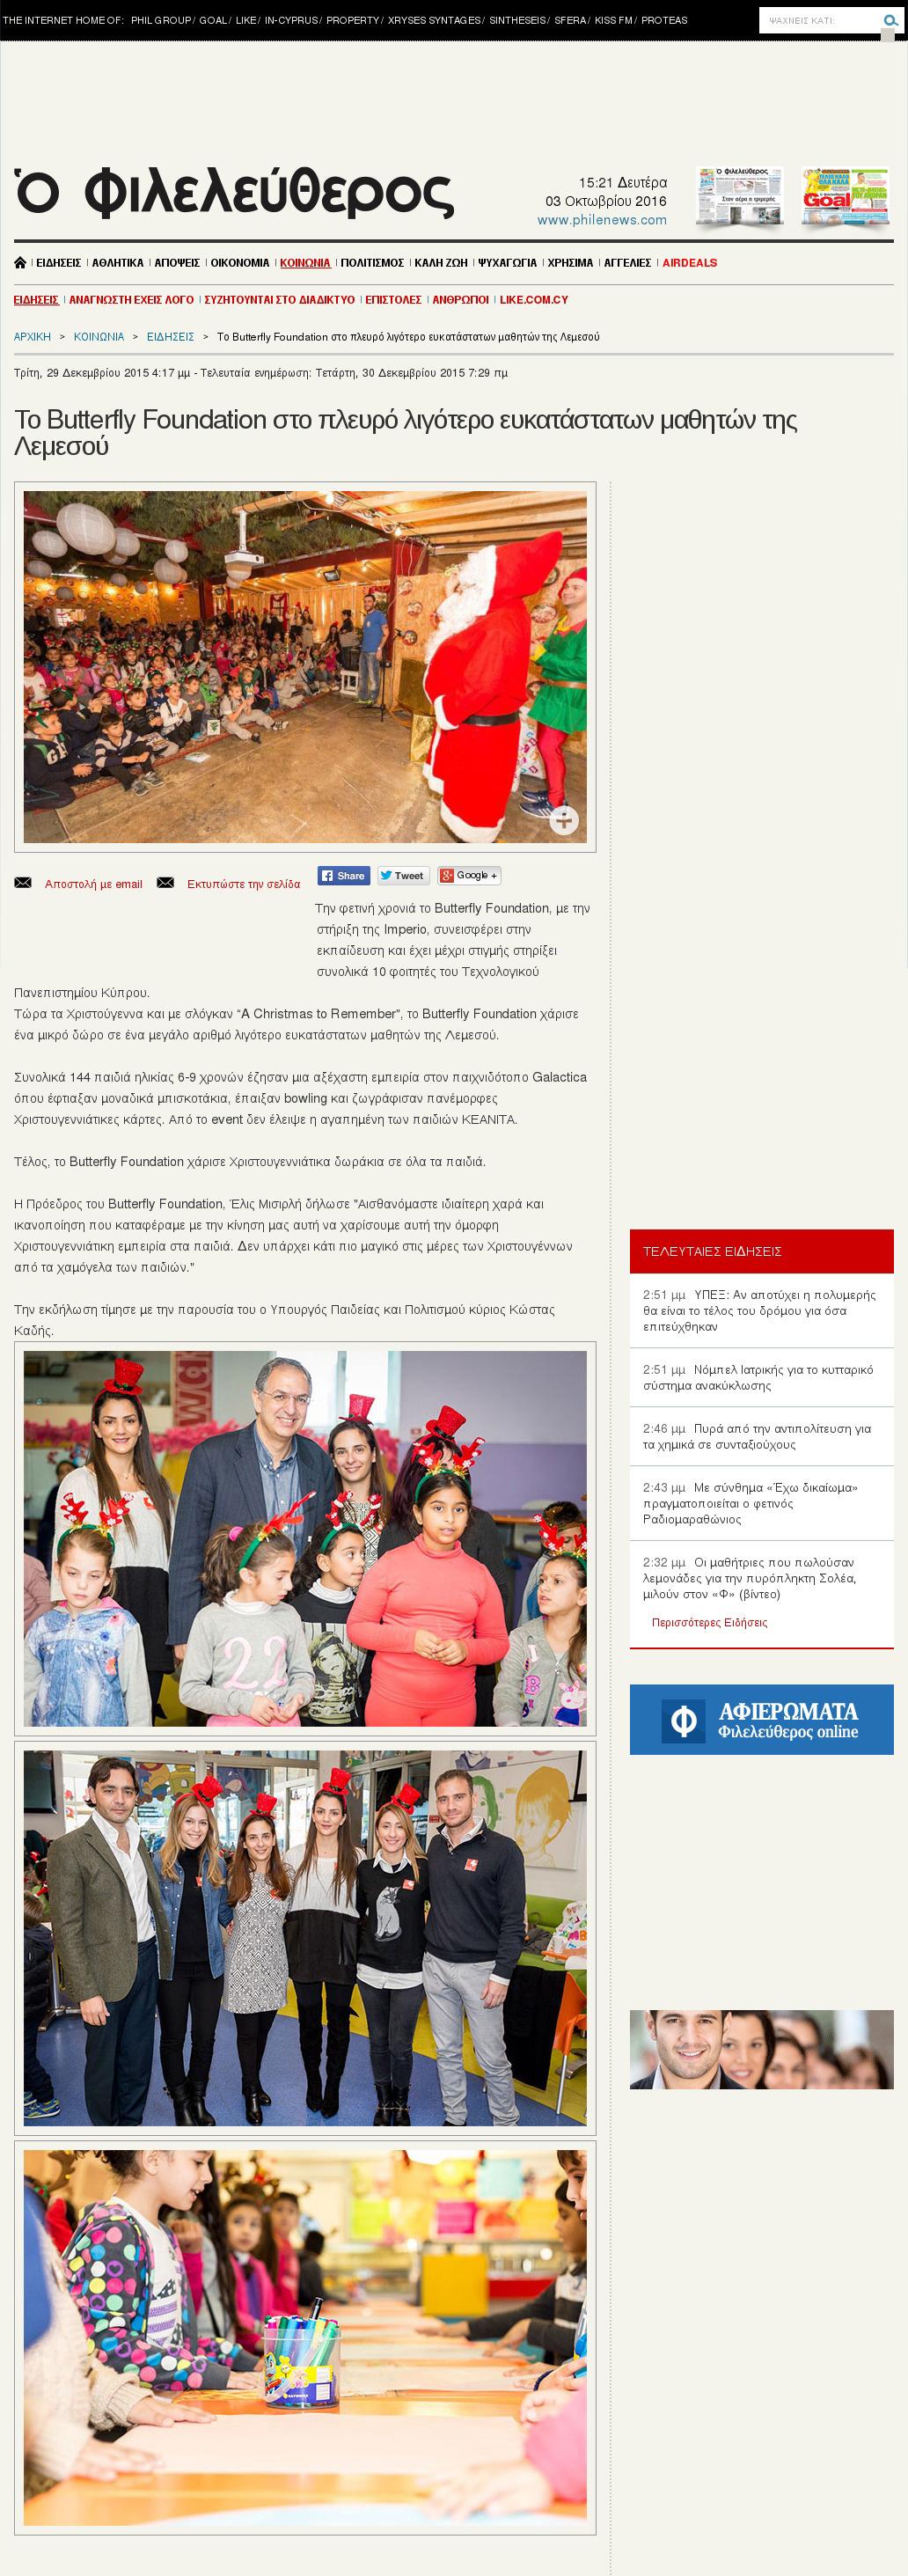 Το Butterfly Foundation στο πλευρό λιγότερο ευκατάστατων μαθητών της Λεμεσού